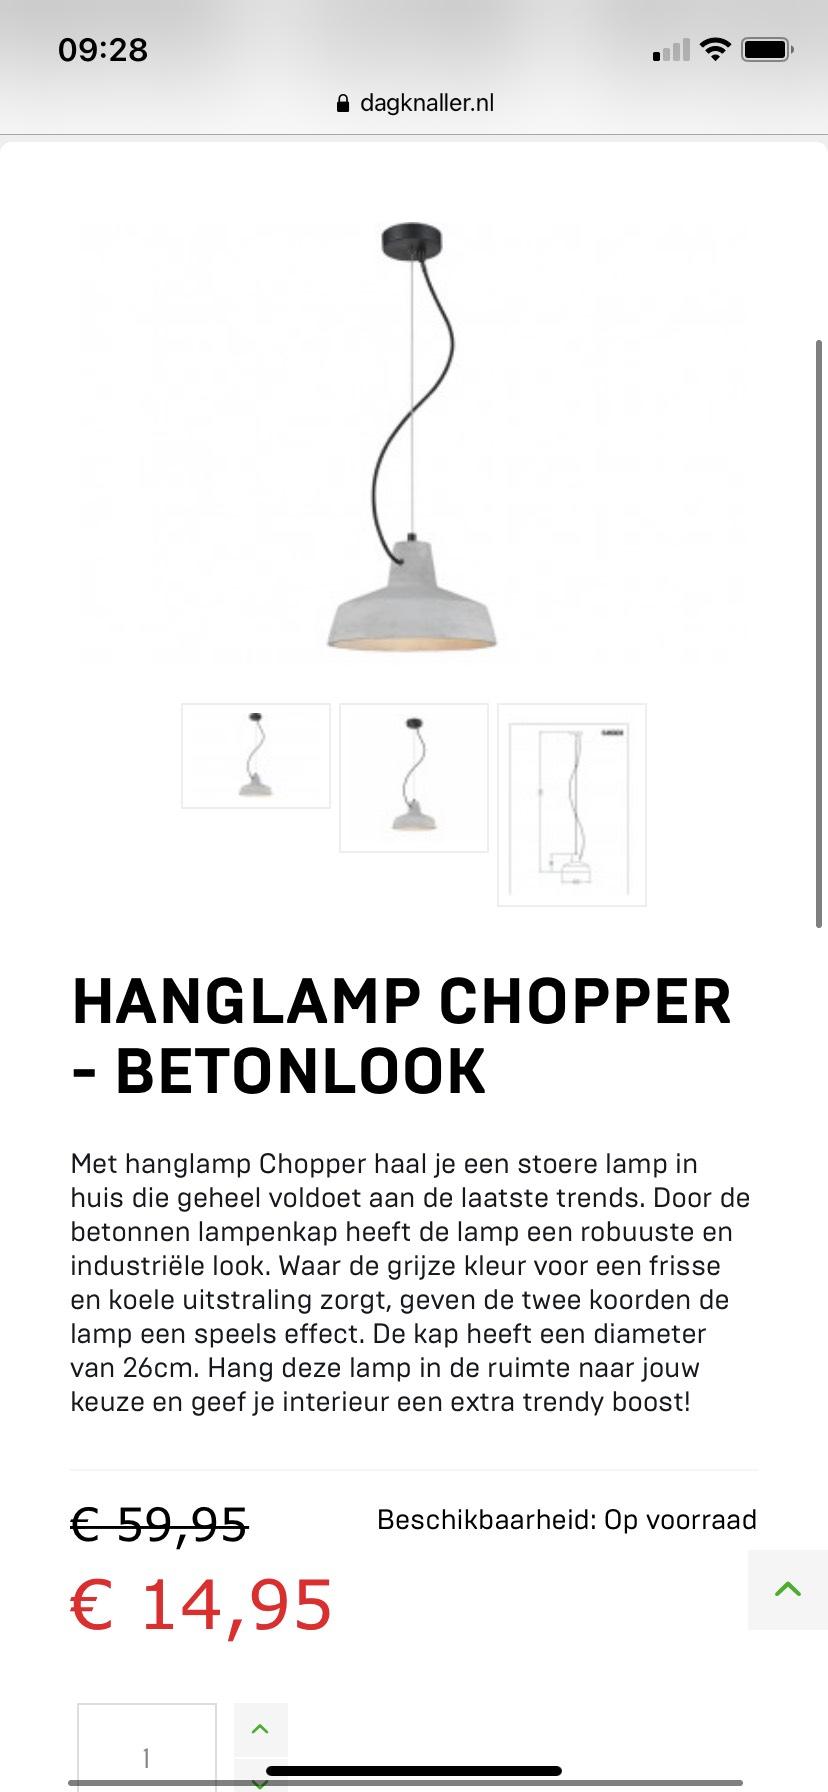 Hanglamp chopper - Betonlook